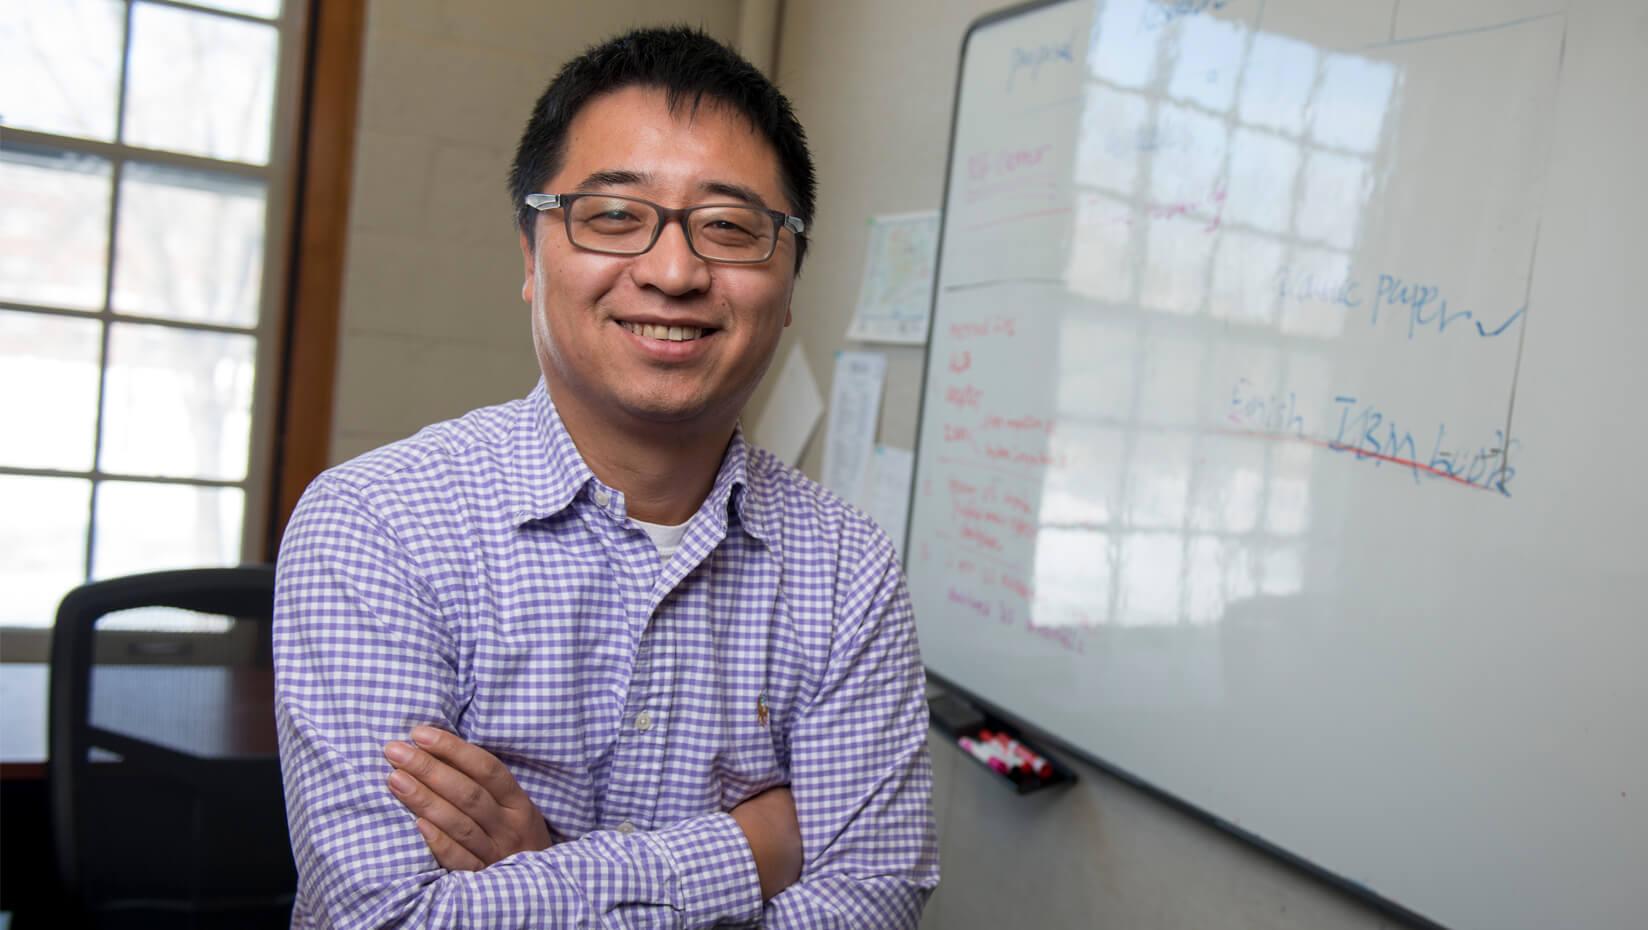 Xudong Zheng